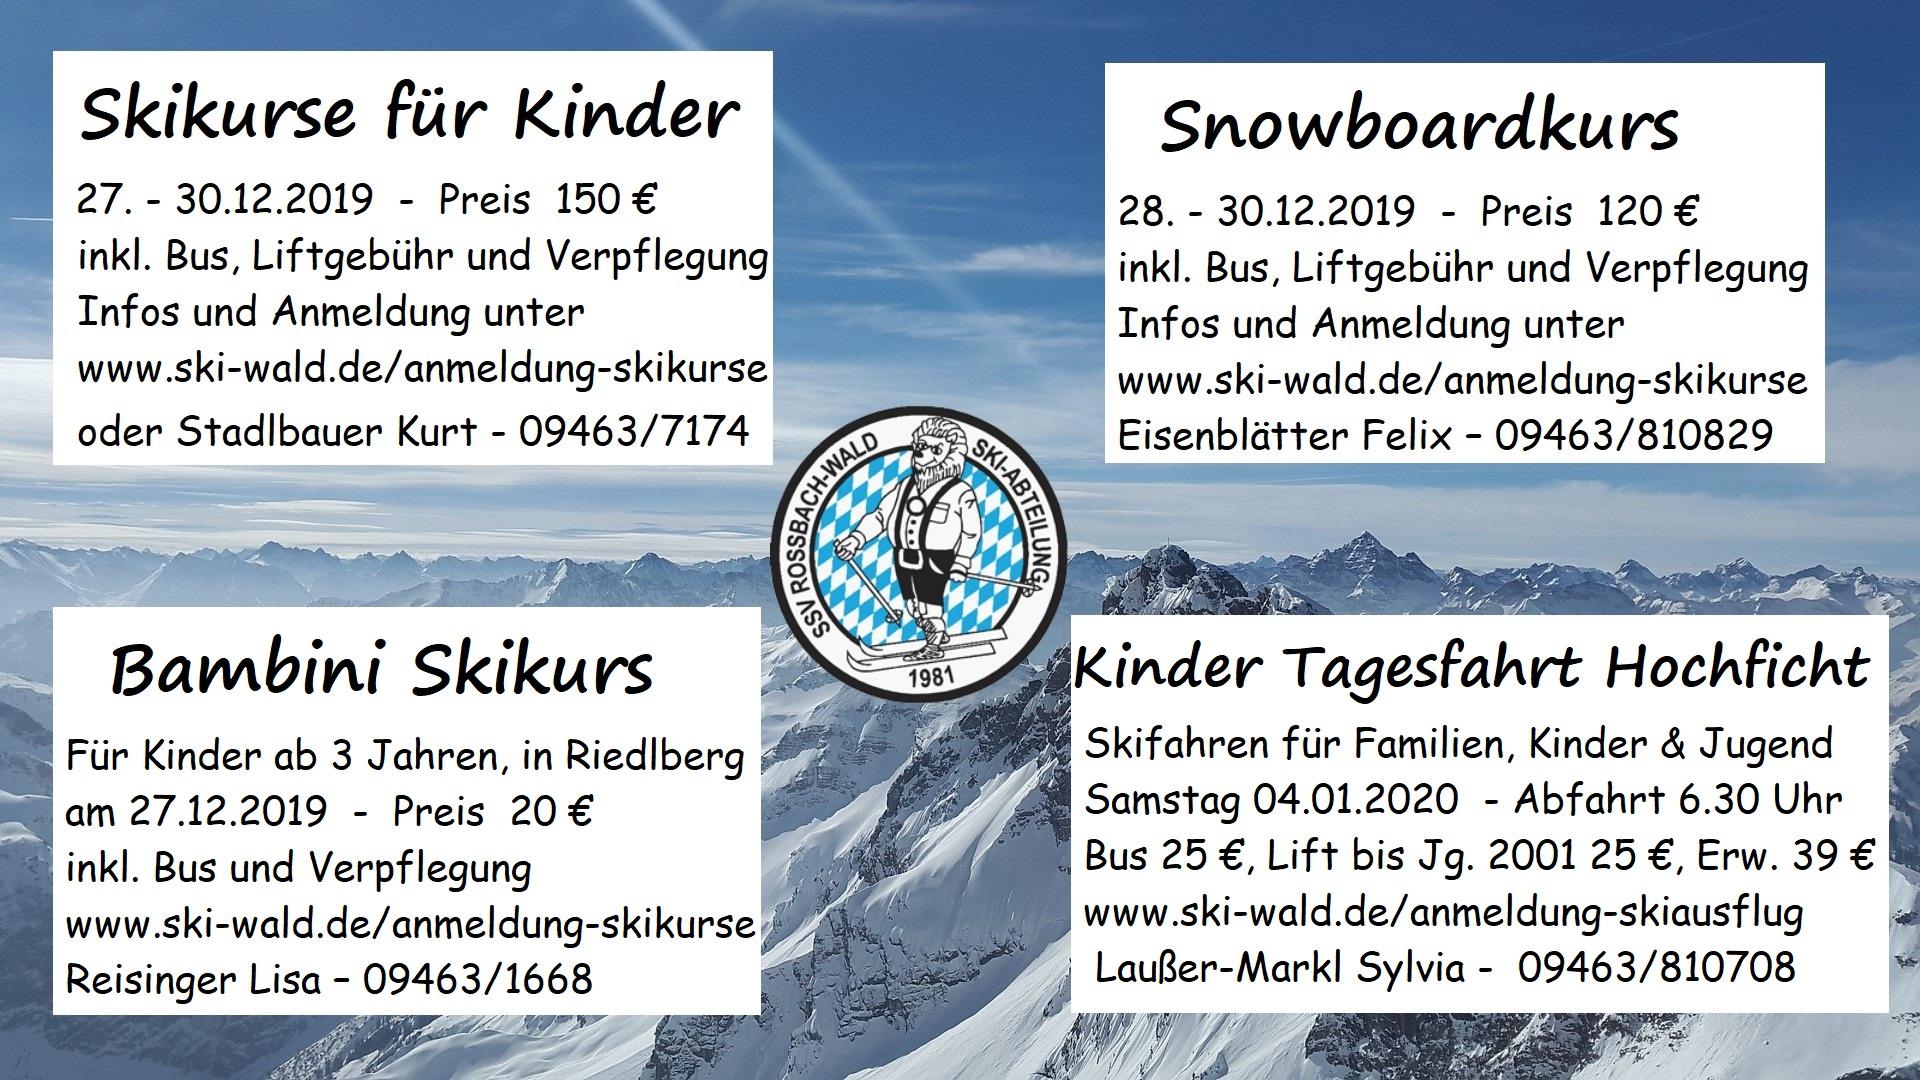 Kinder Skikurse 2019